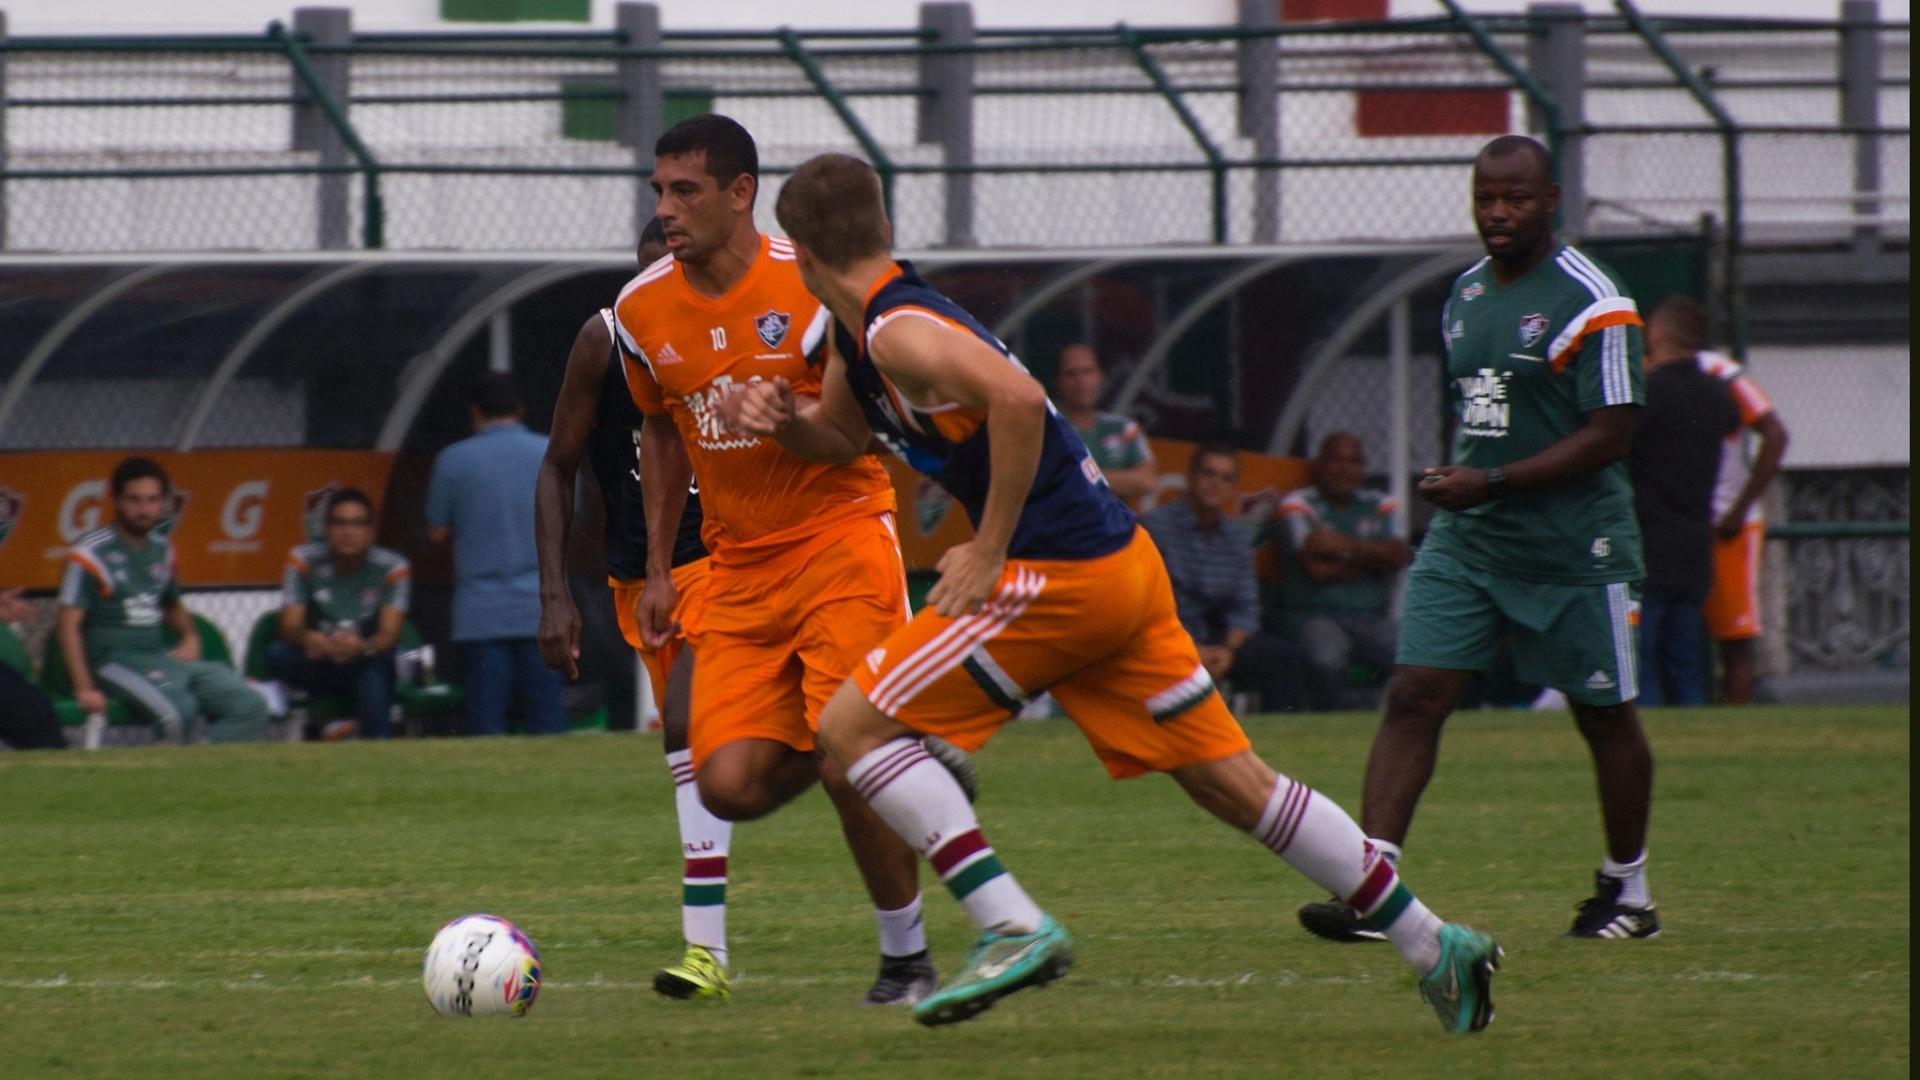 Diego Souza domina a bola durante o treinamento do Fluminense, nas Laranjeiras